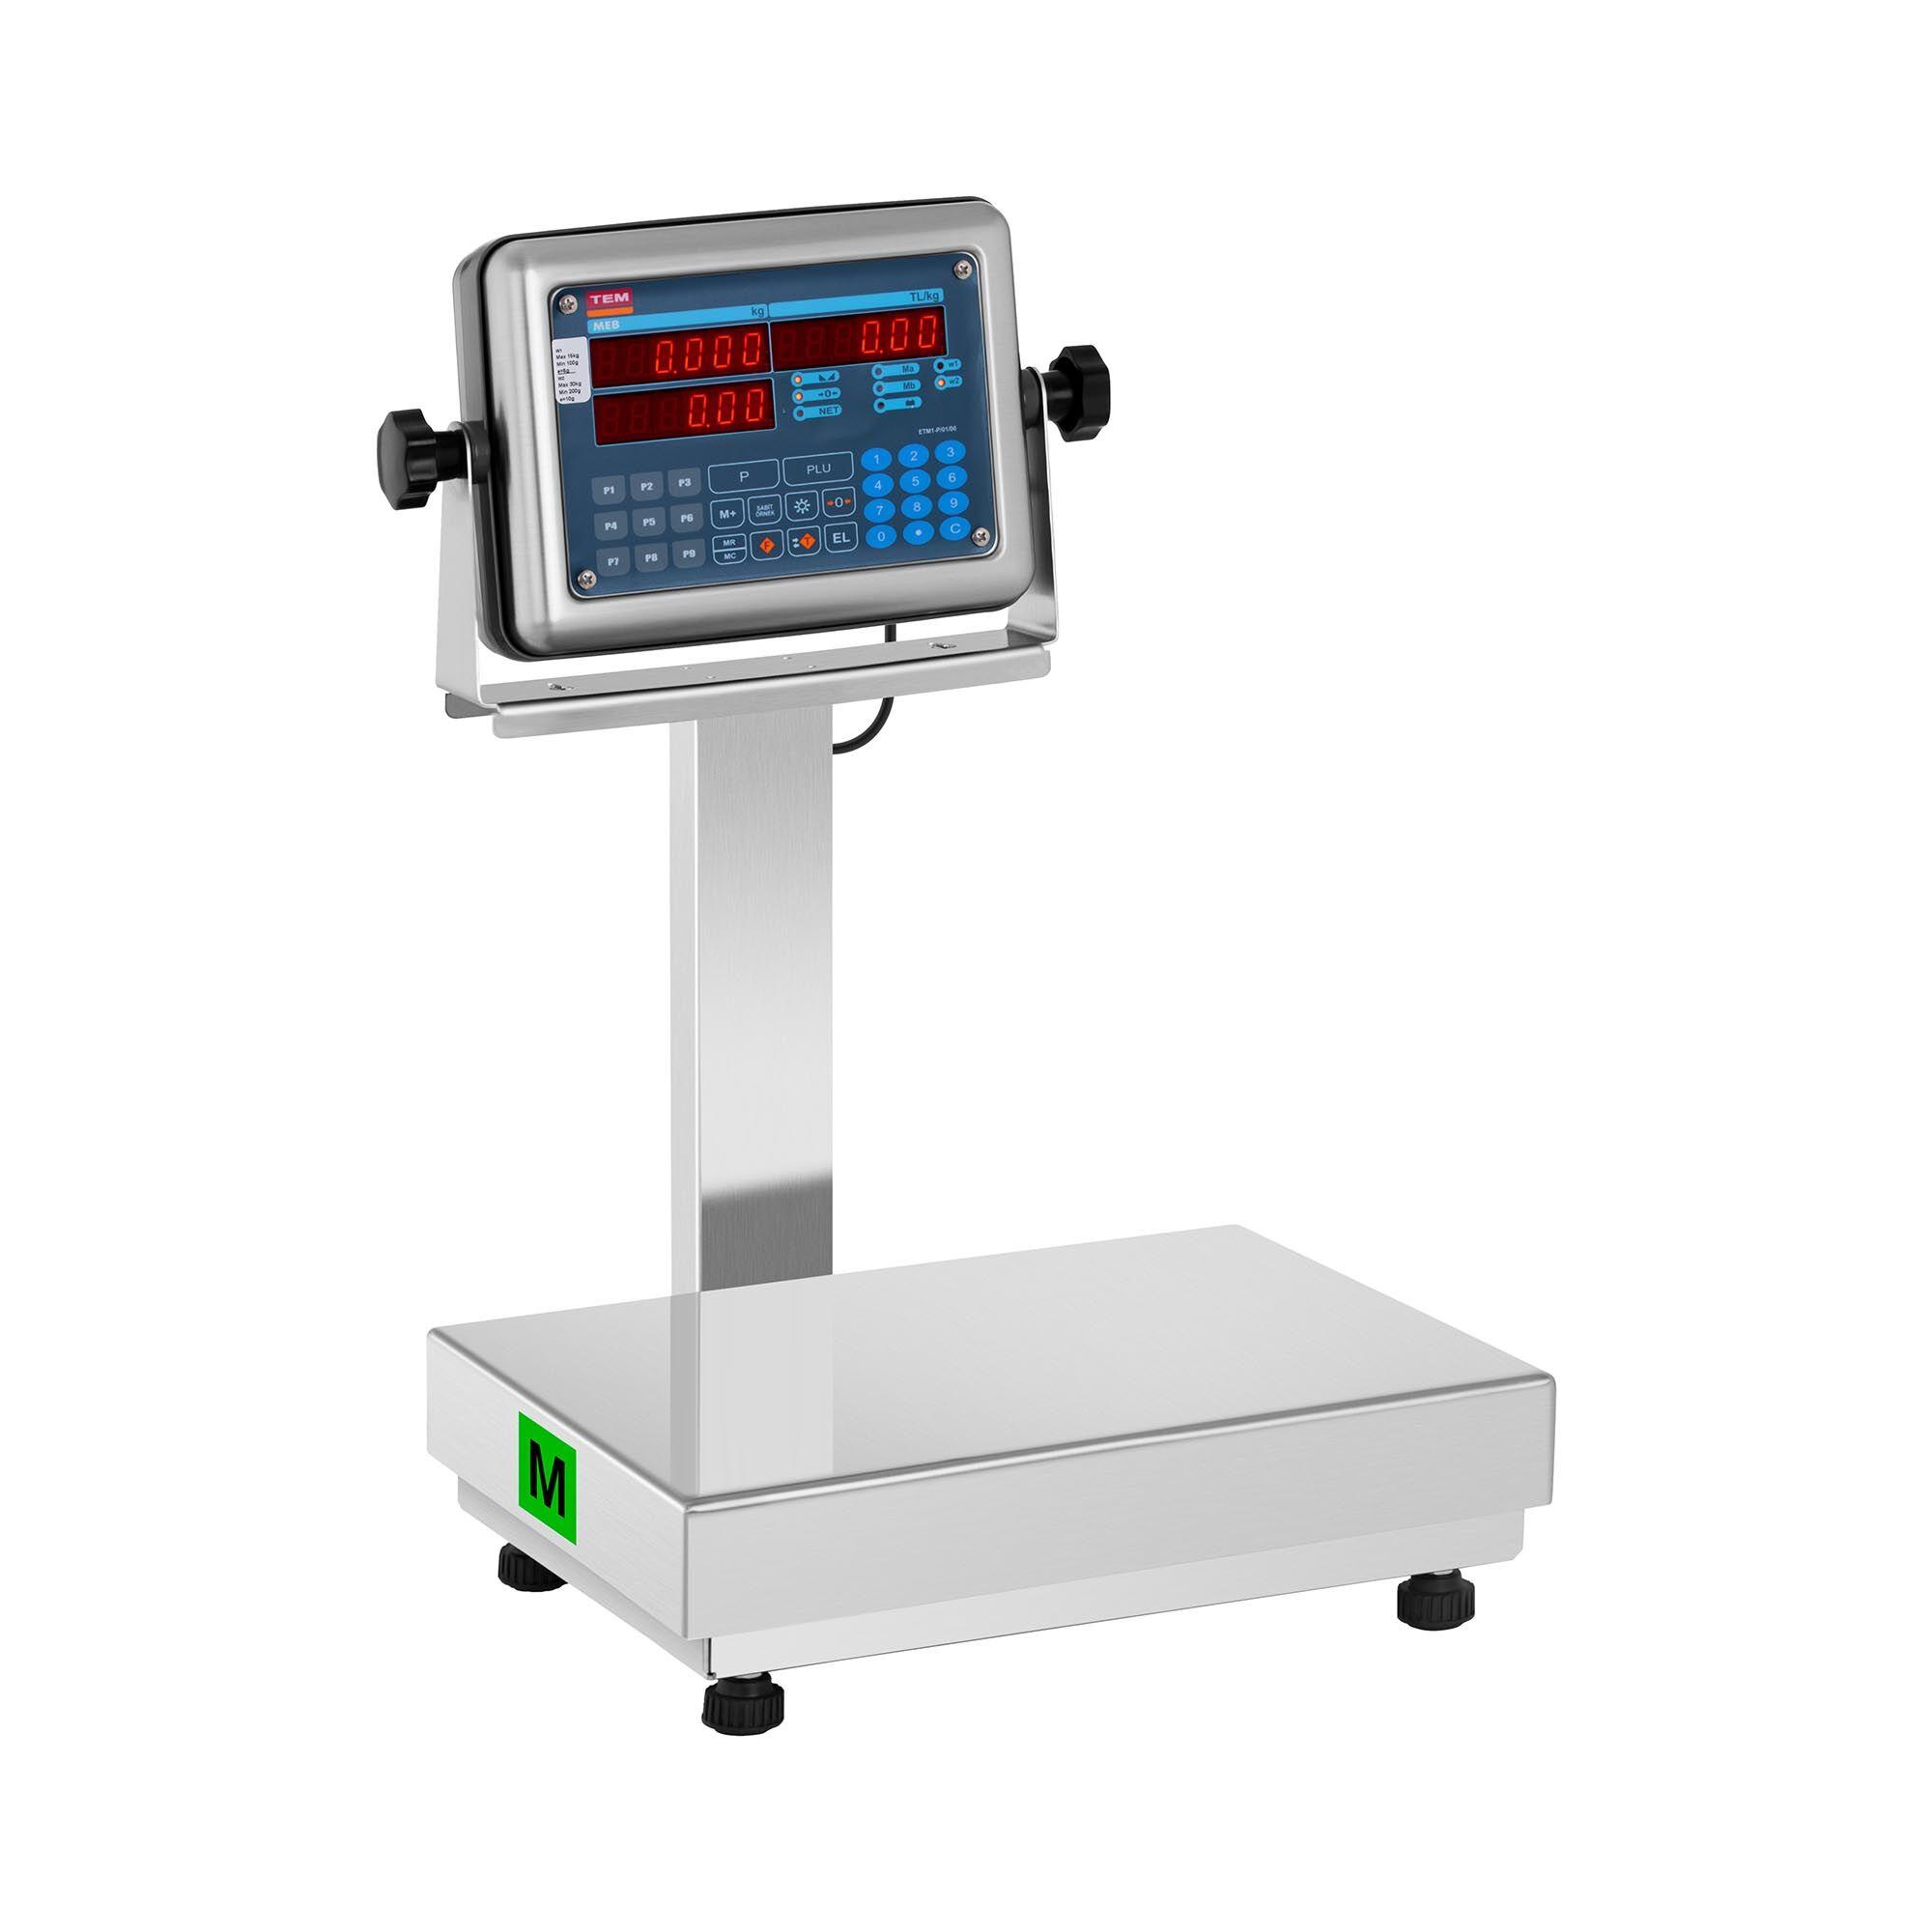 TEM Balance plateforme - Calibrage certifié - 30 kg - Fonction de calcul du prix - Afficheur LED BM1TP028X035030-B1